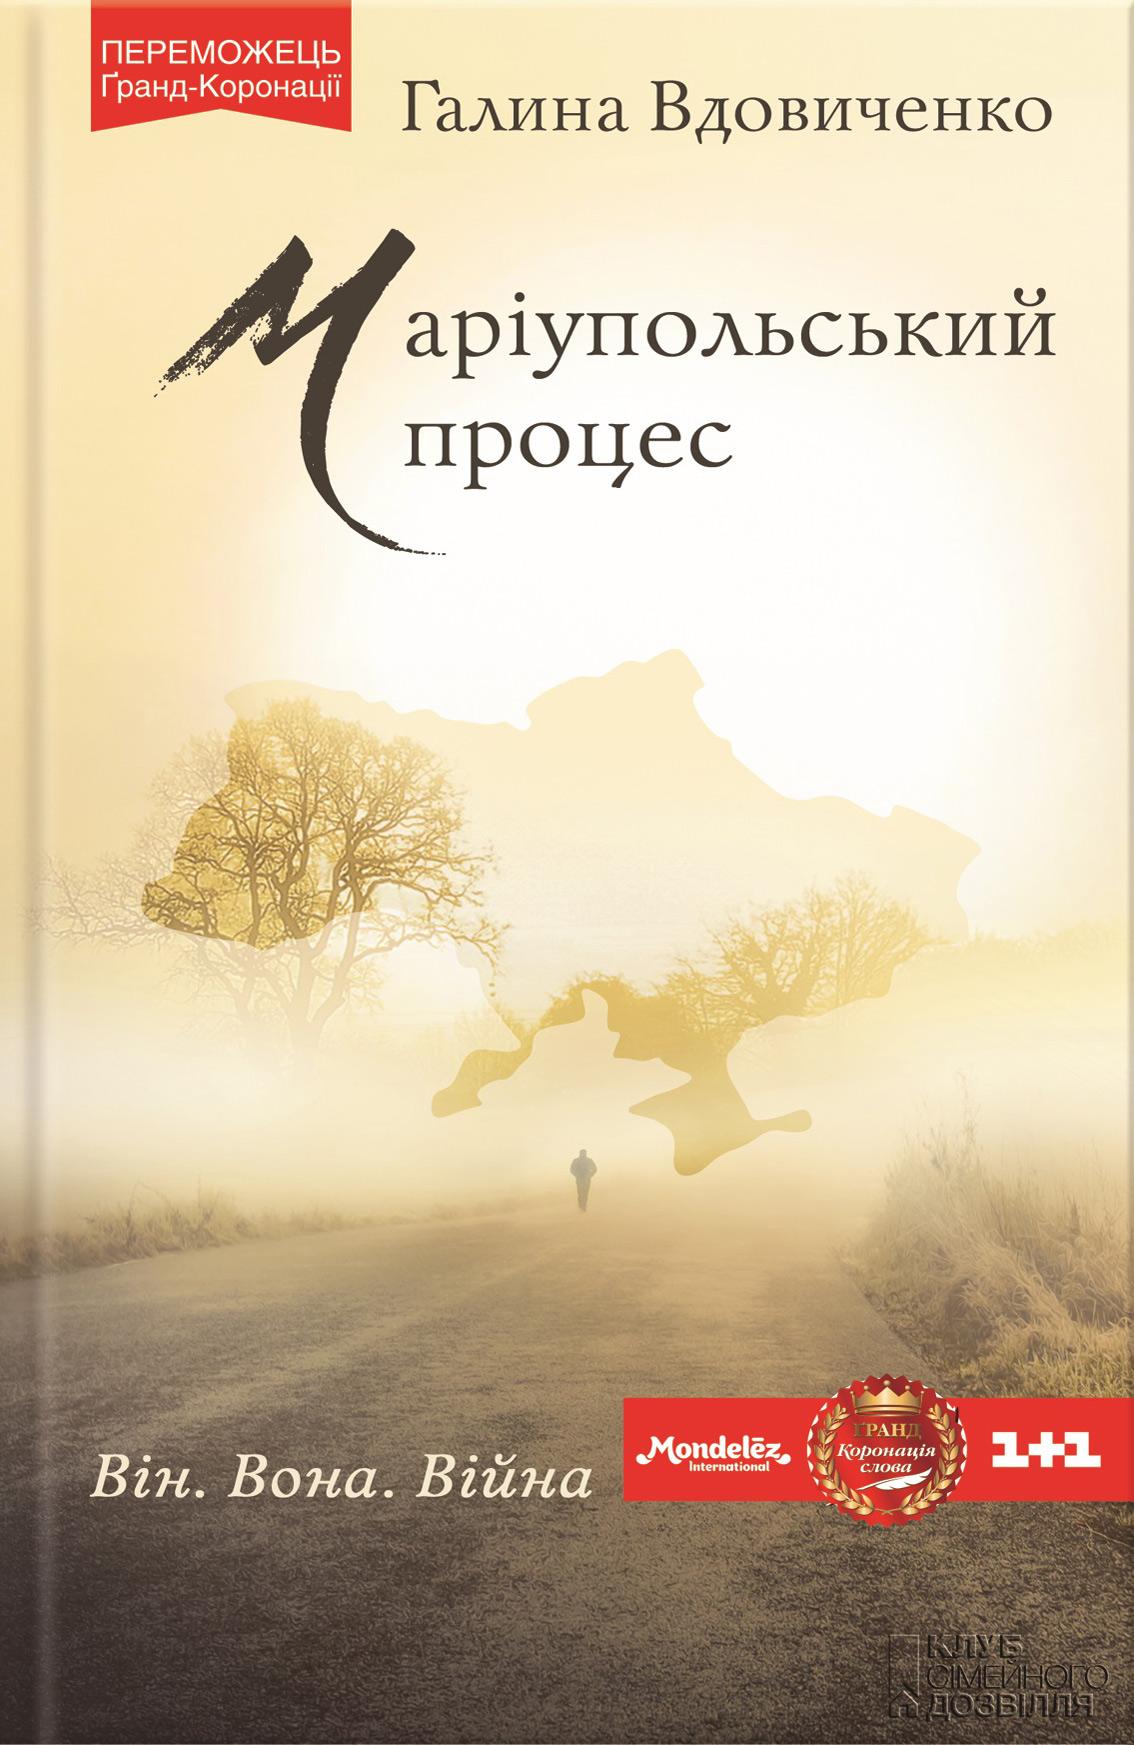 цена на Галина Вдовиченко Маріупольський процес